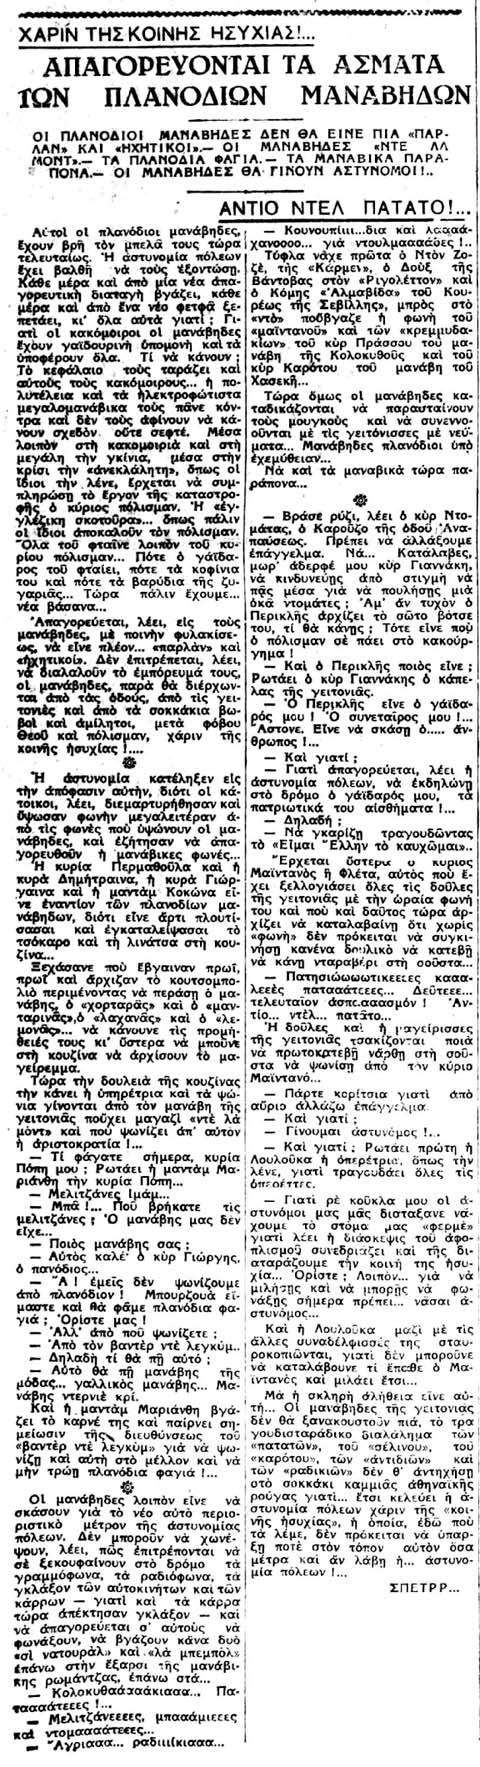 Αντίο ντελ Πατάτο, του Σώτου Πετρά, Ιανουάριος 1932